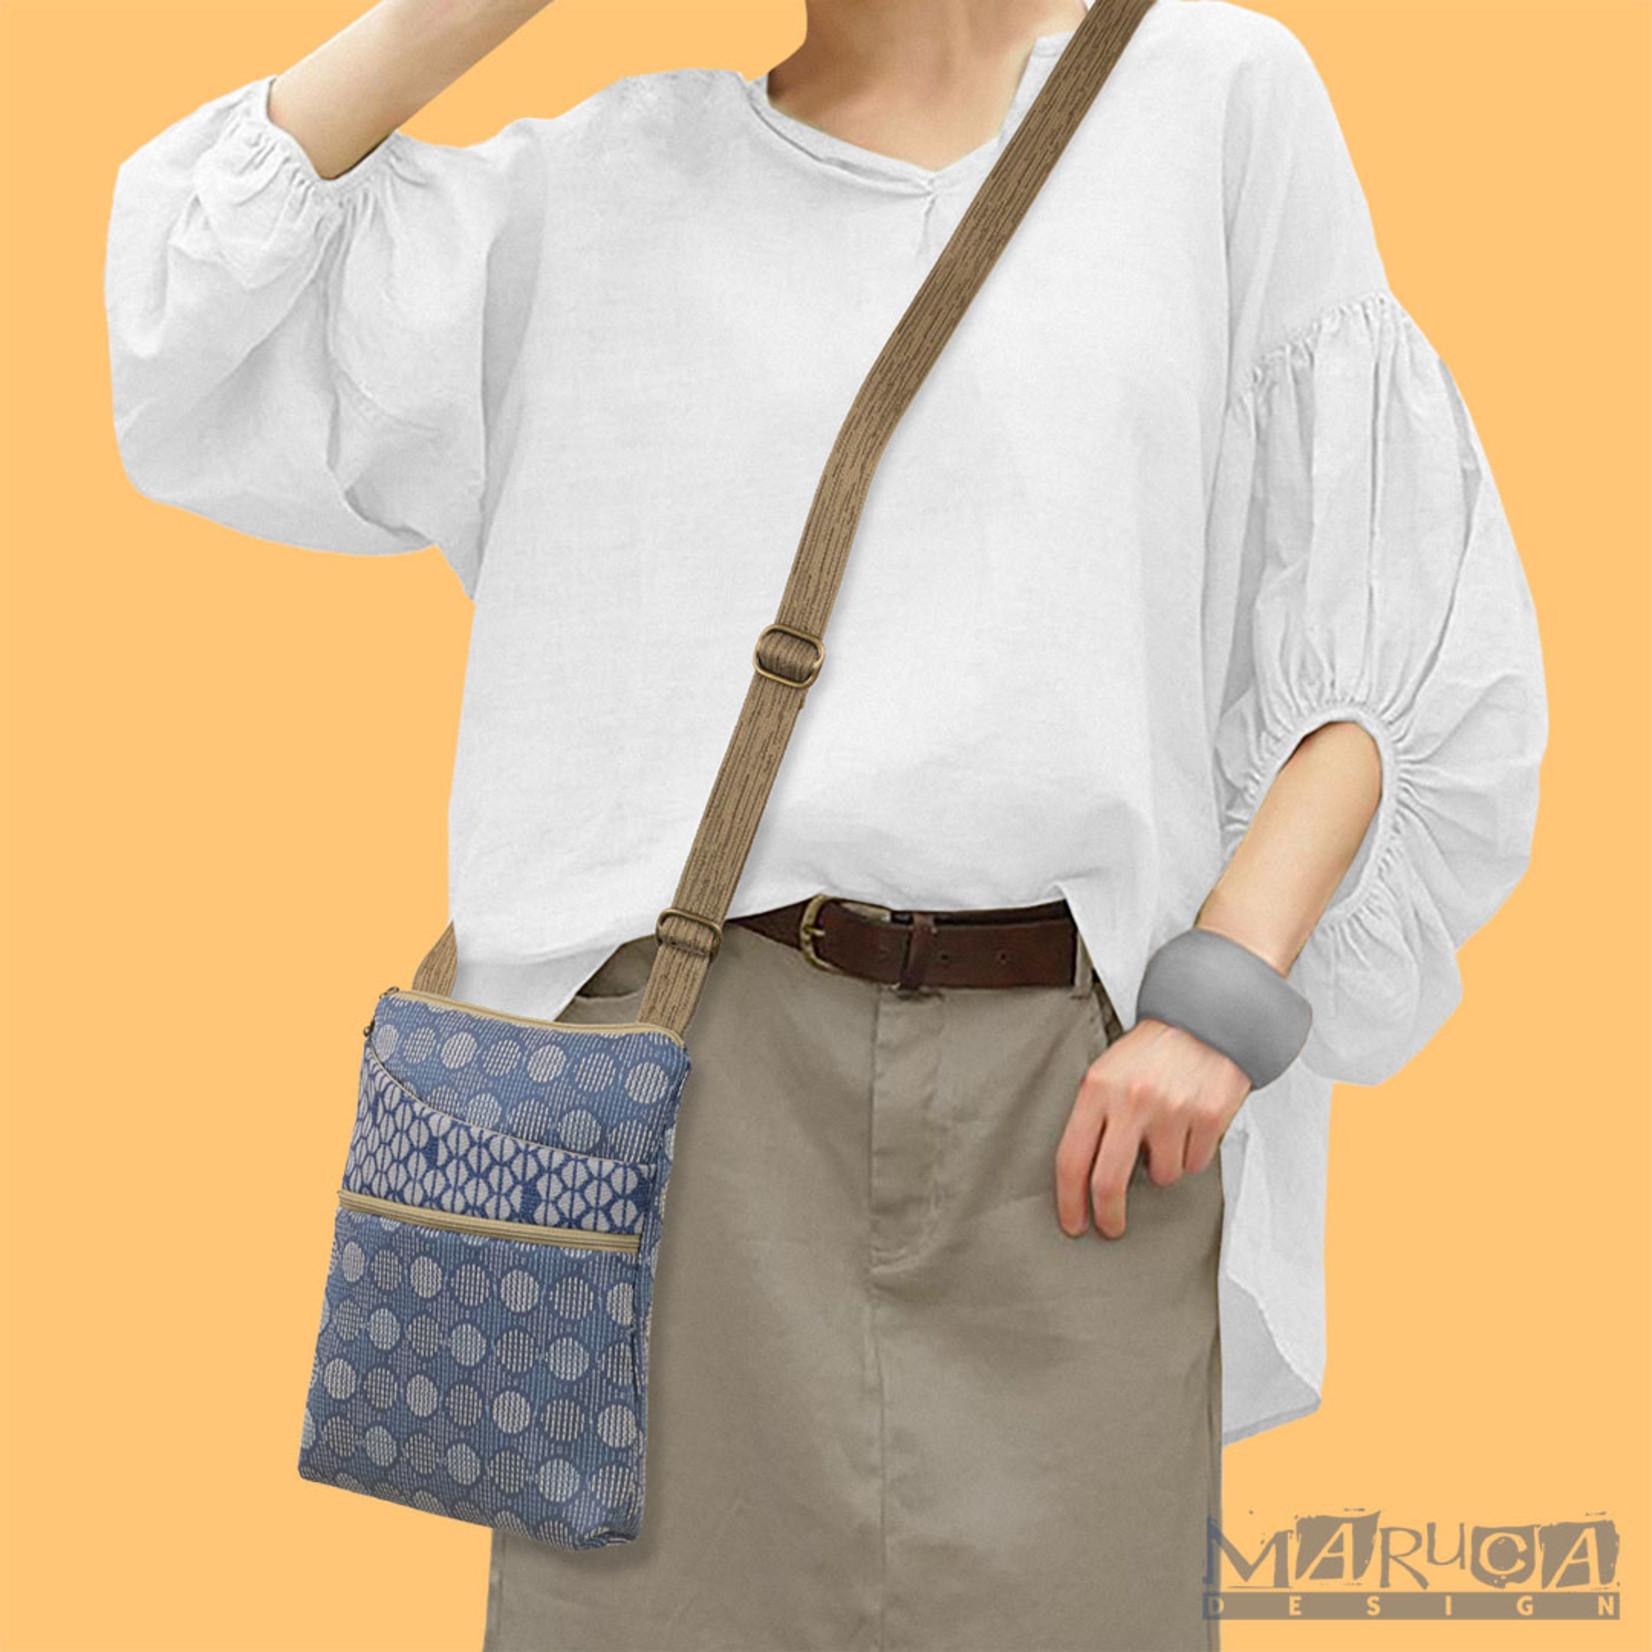 Maruca Pocket Bag SS21 Parasol Black